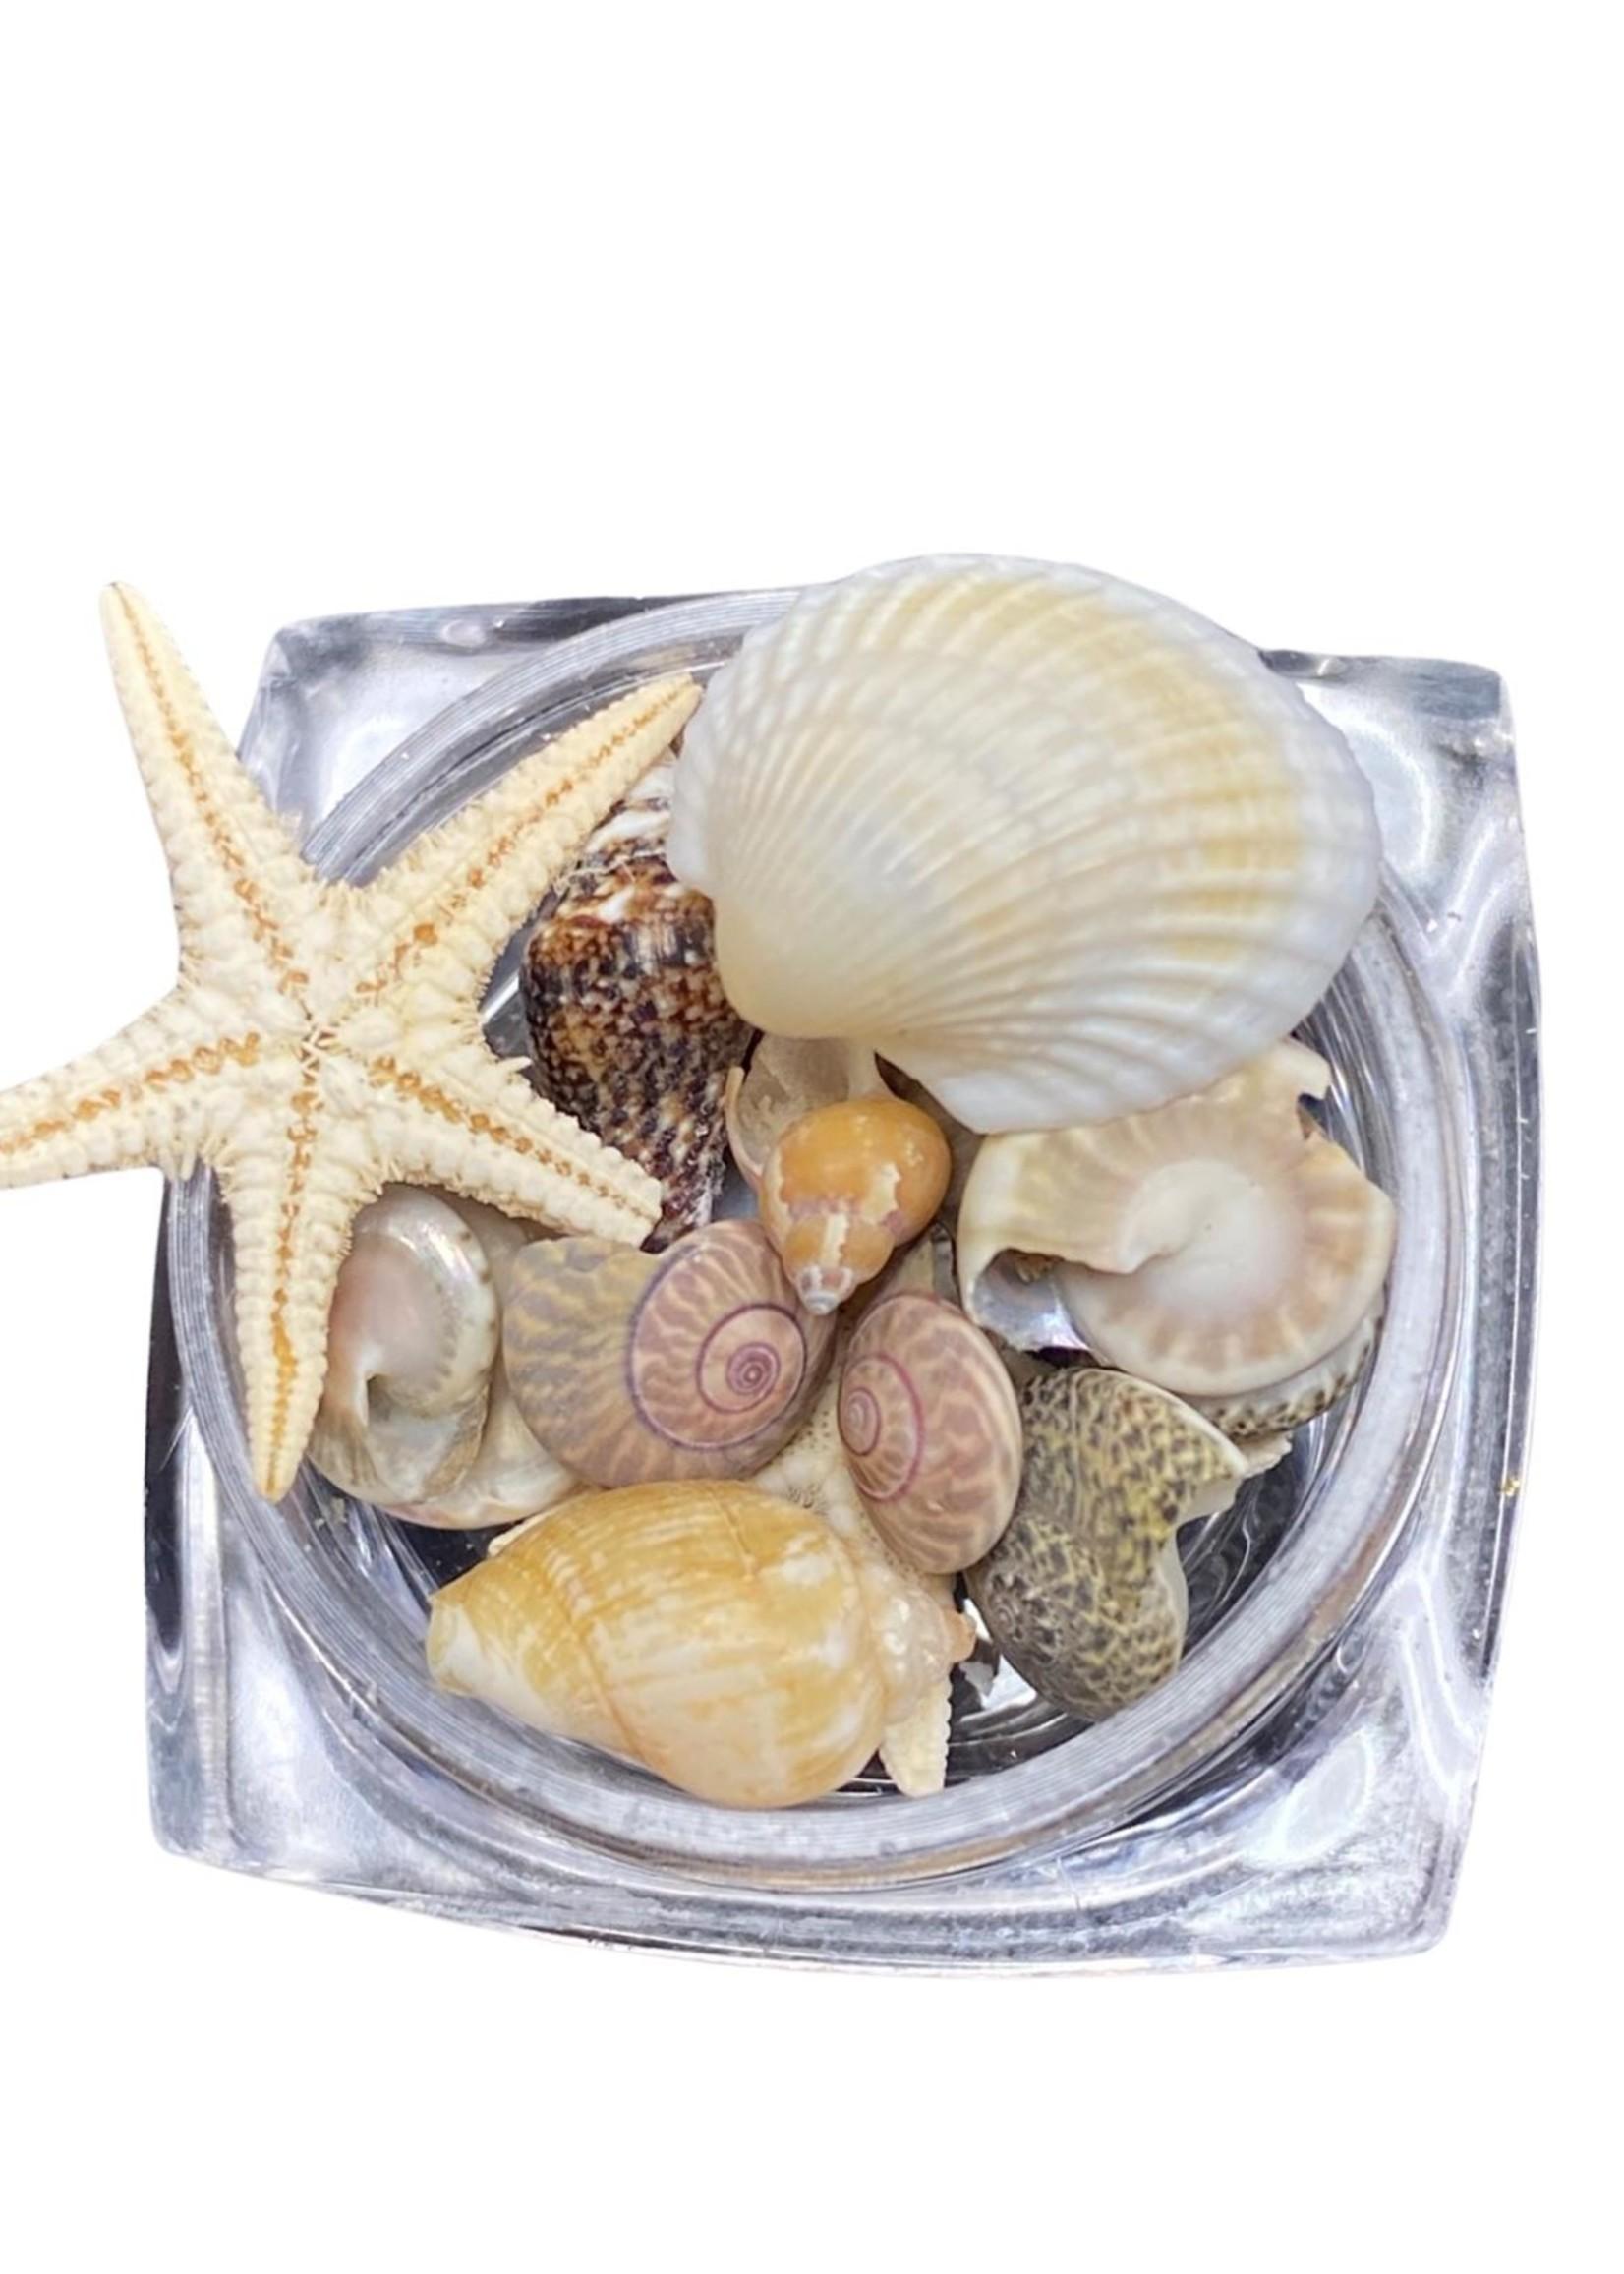 Sea Inlay pieces